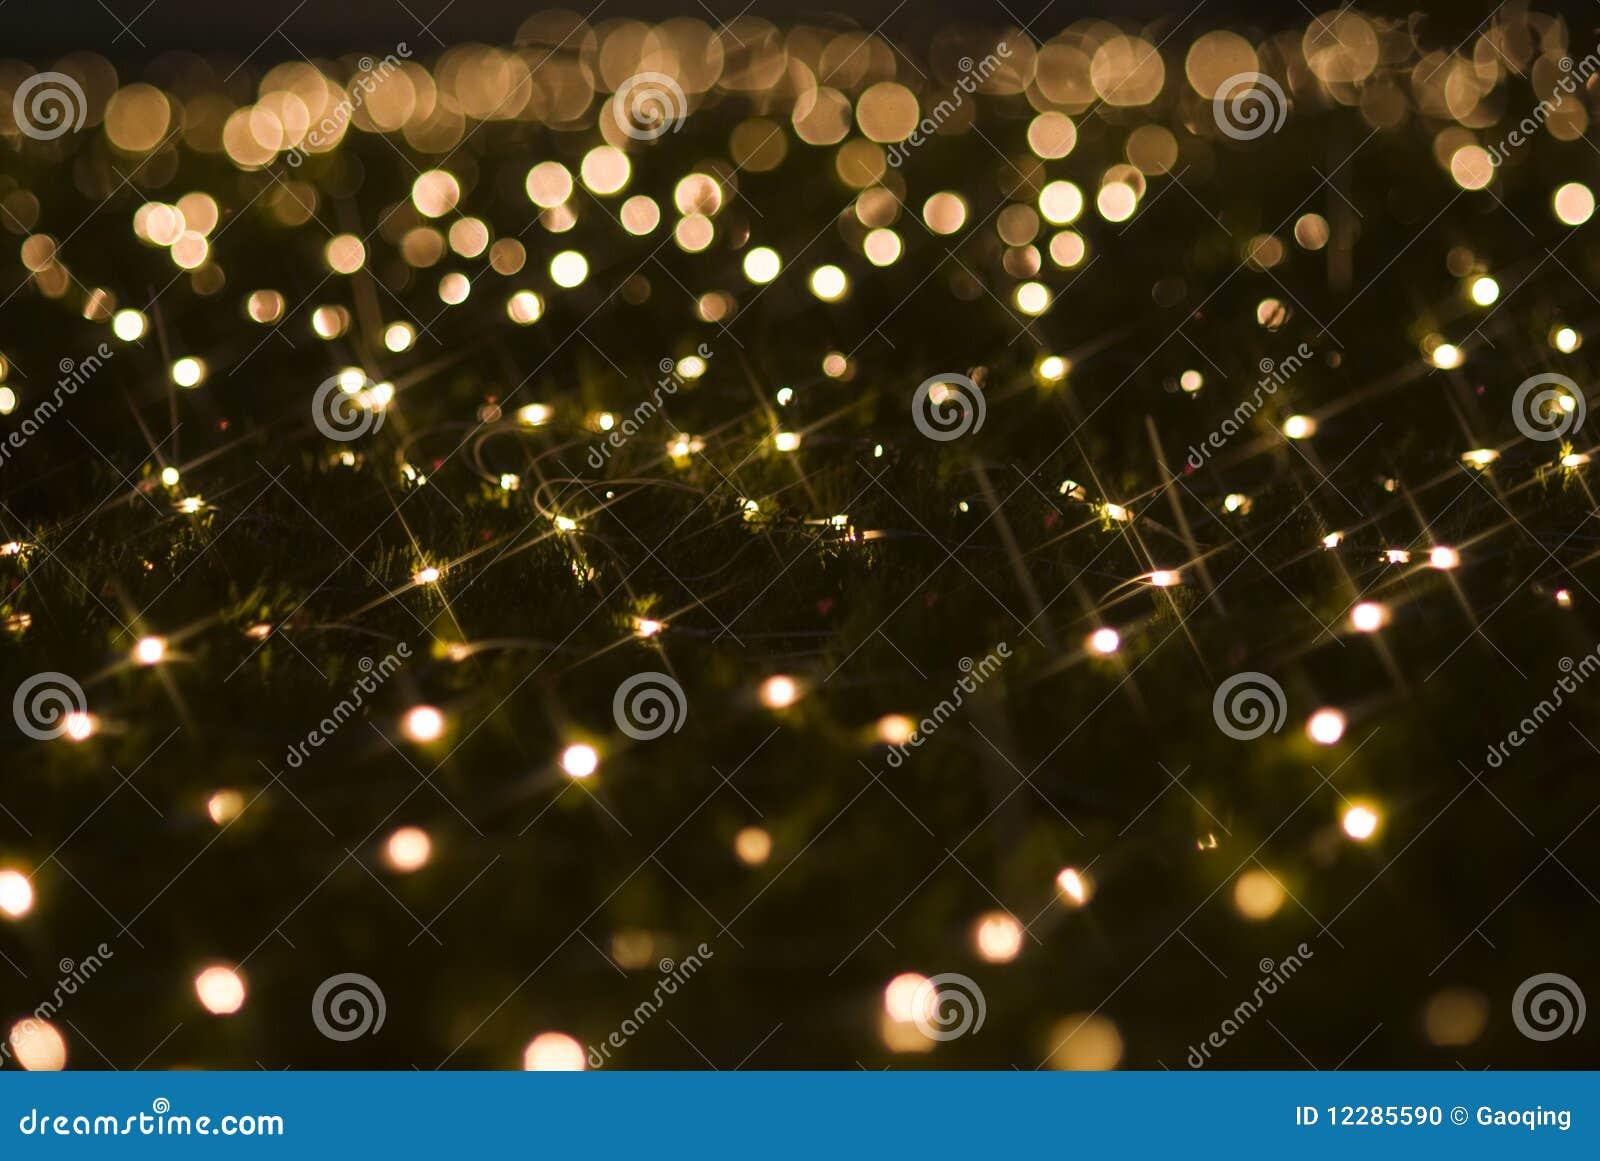 Cequis chispeantes de los efectos luminosos del día de fiesta de la Navidad